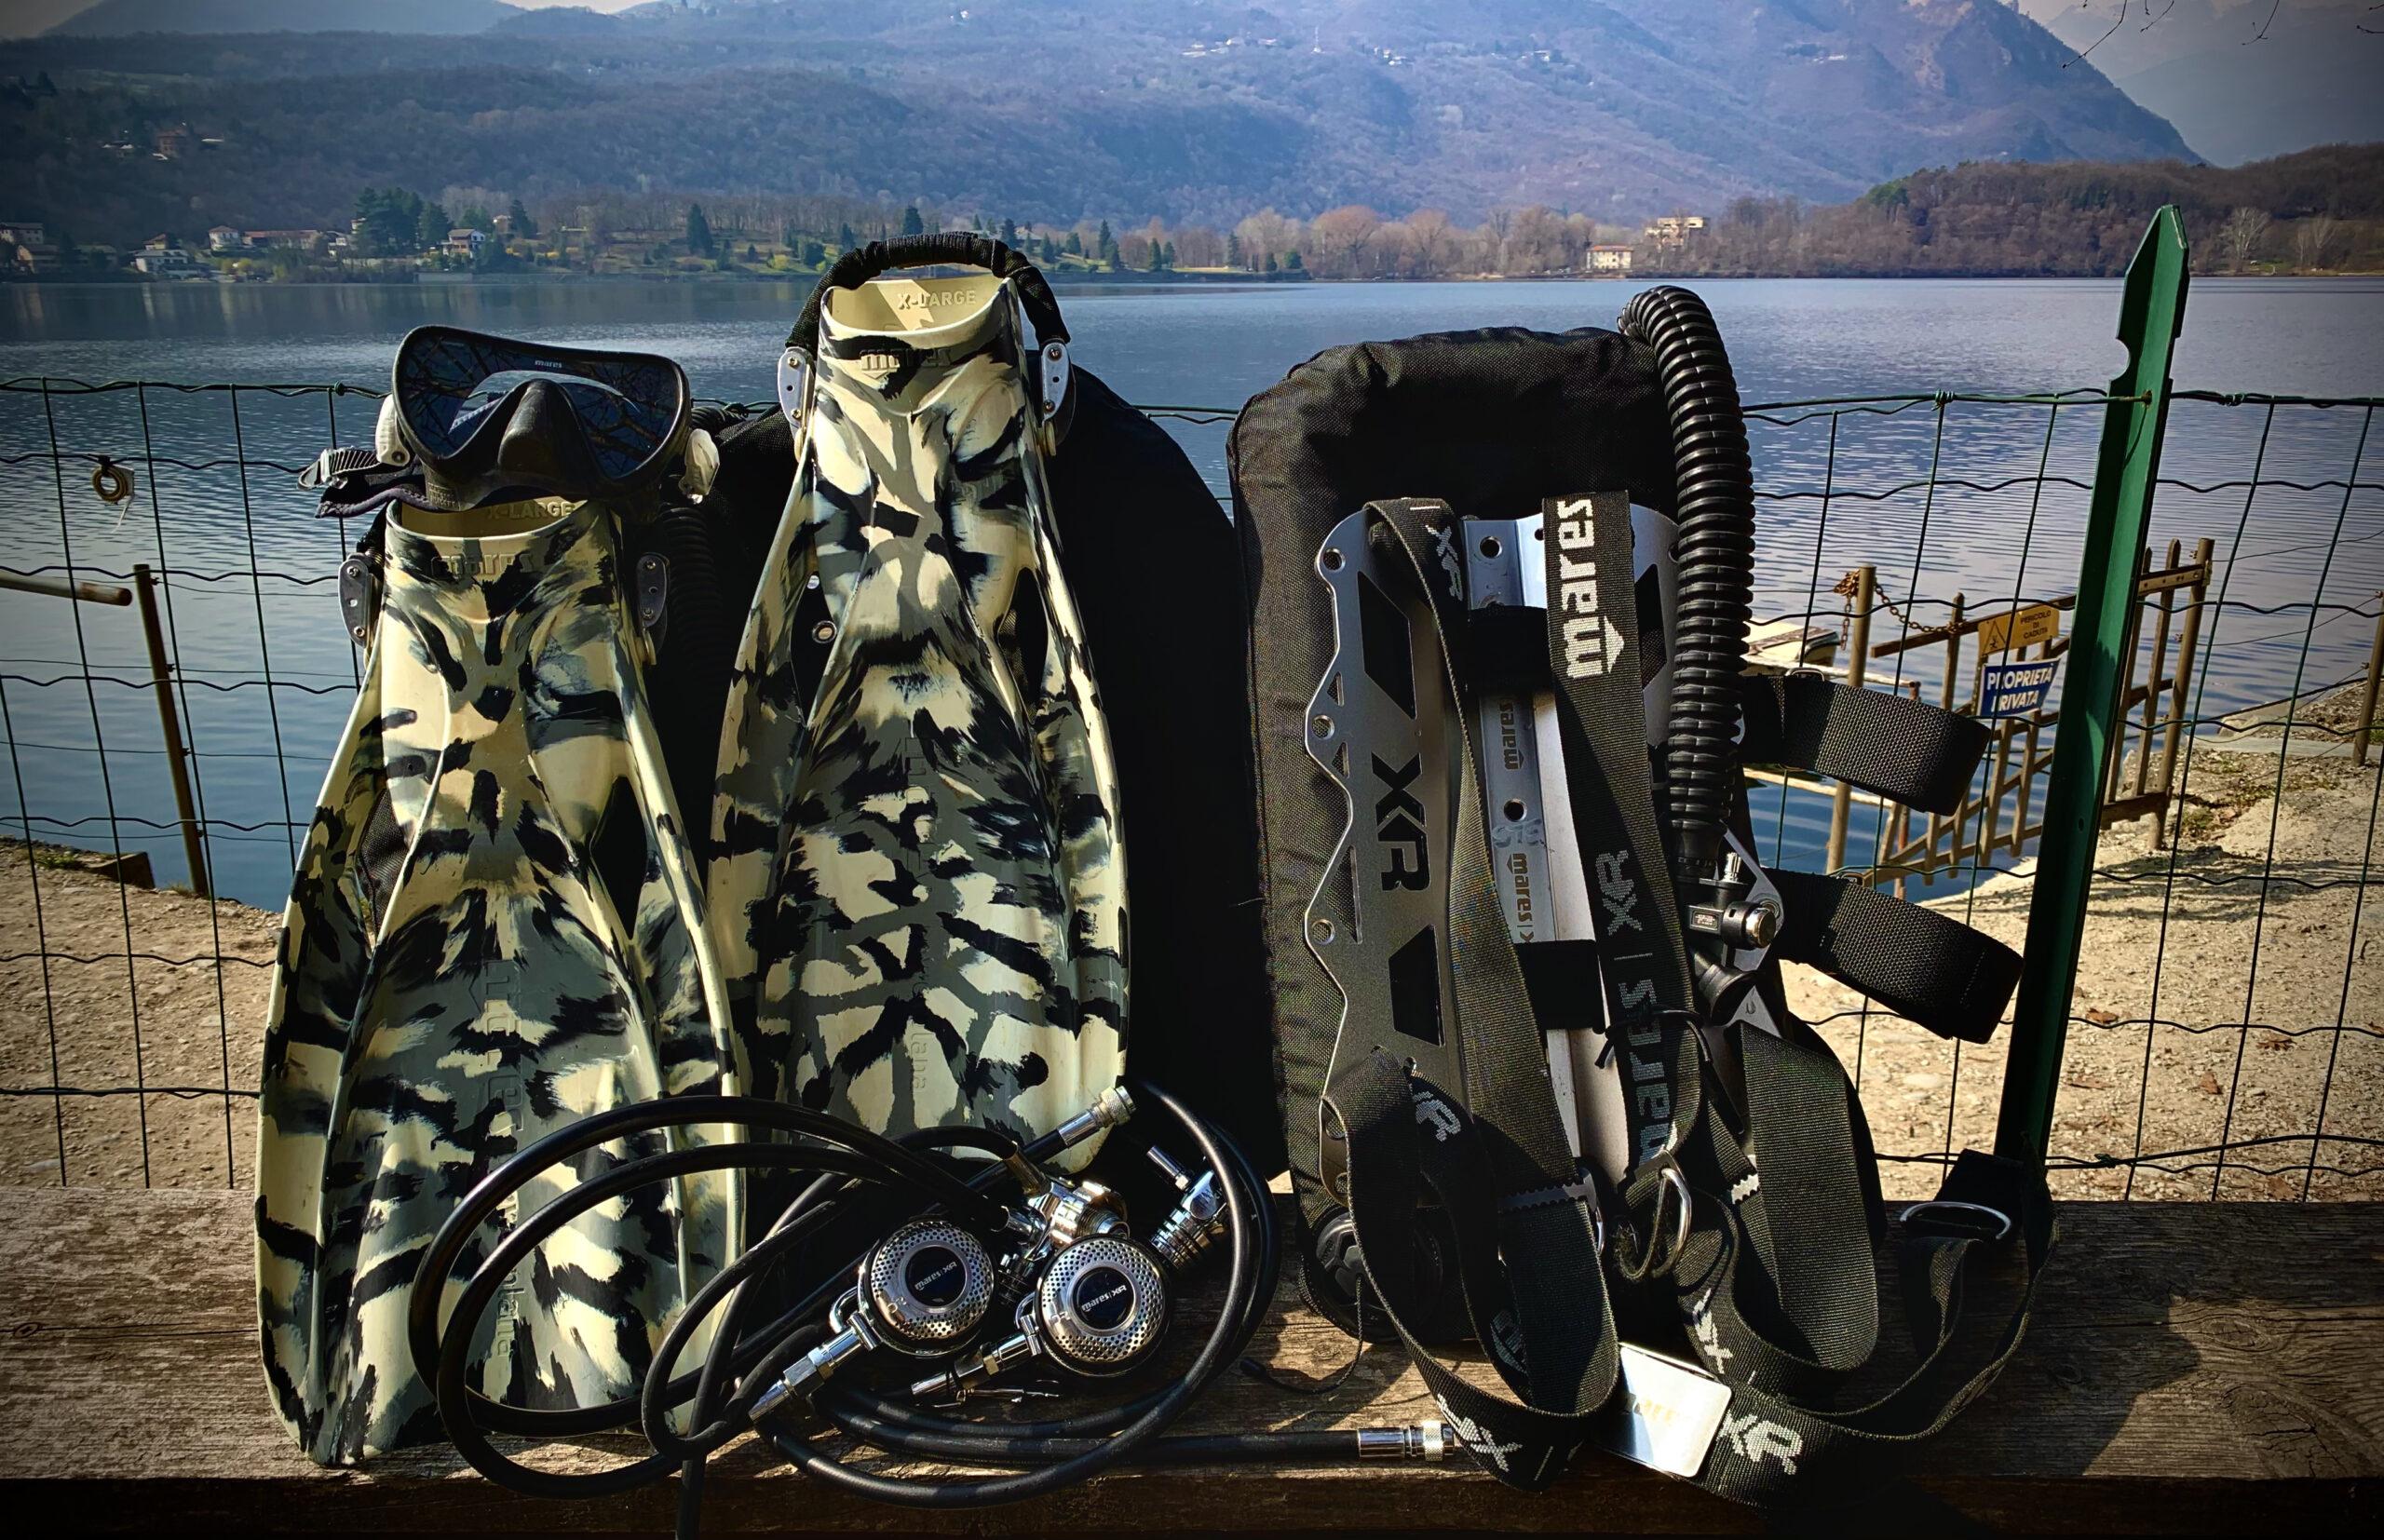 Ognuno di noi ha fatto la sua strada ed ora ci siamo ritrovati qui, al Lago di Avigliana, dove tutto era iniziato